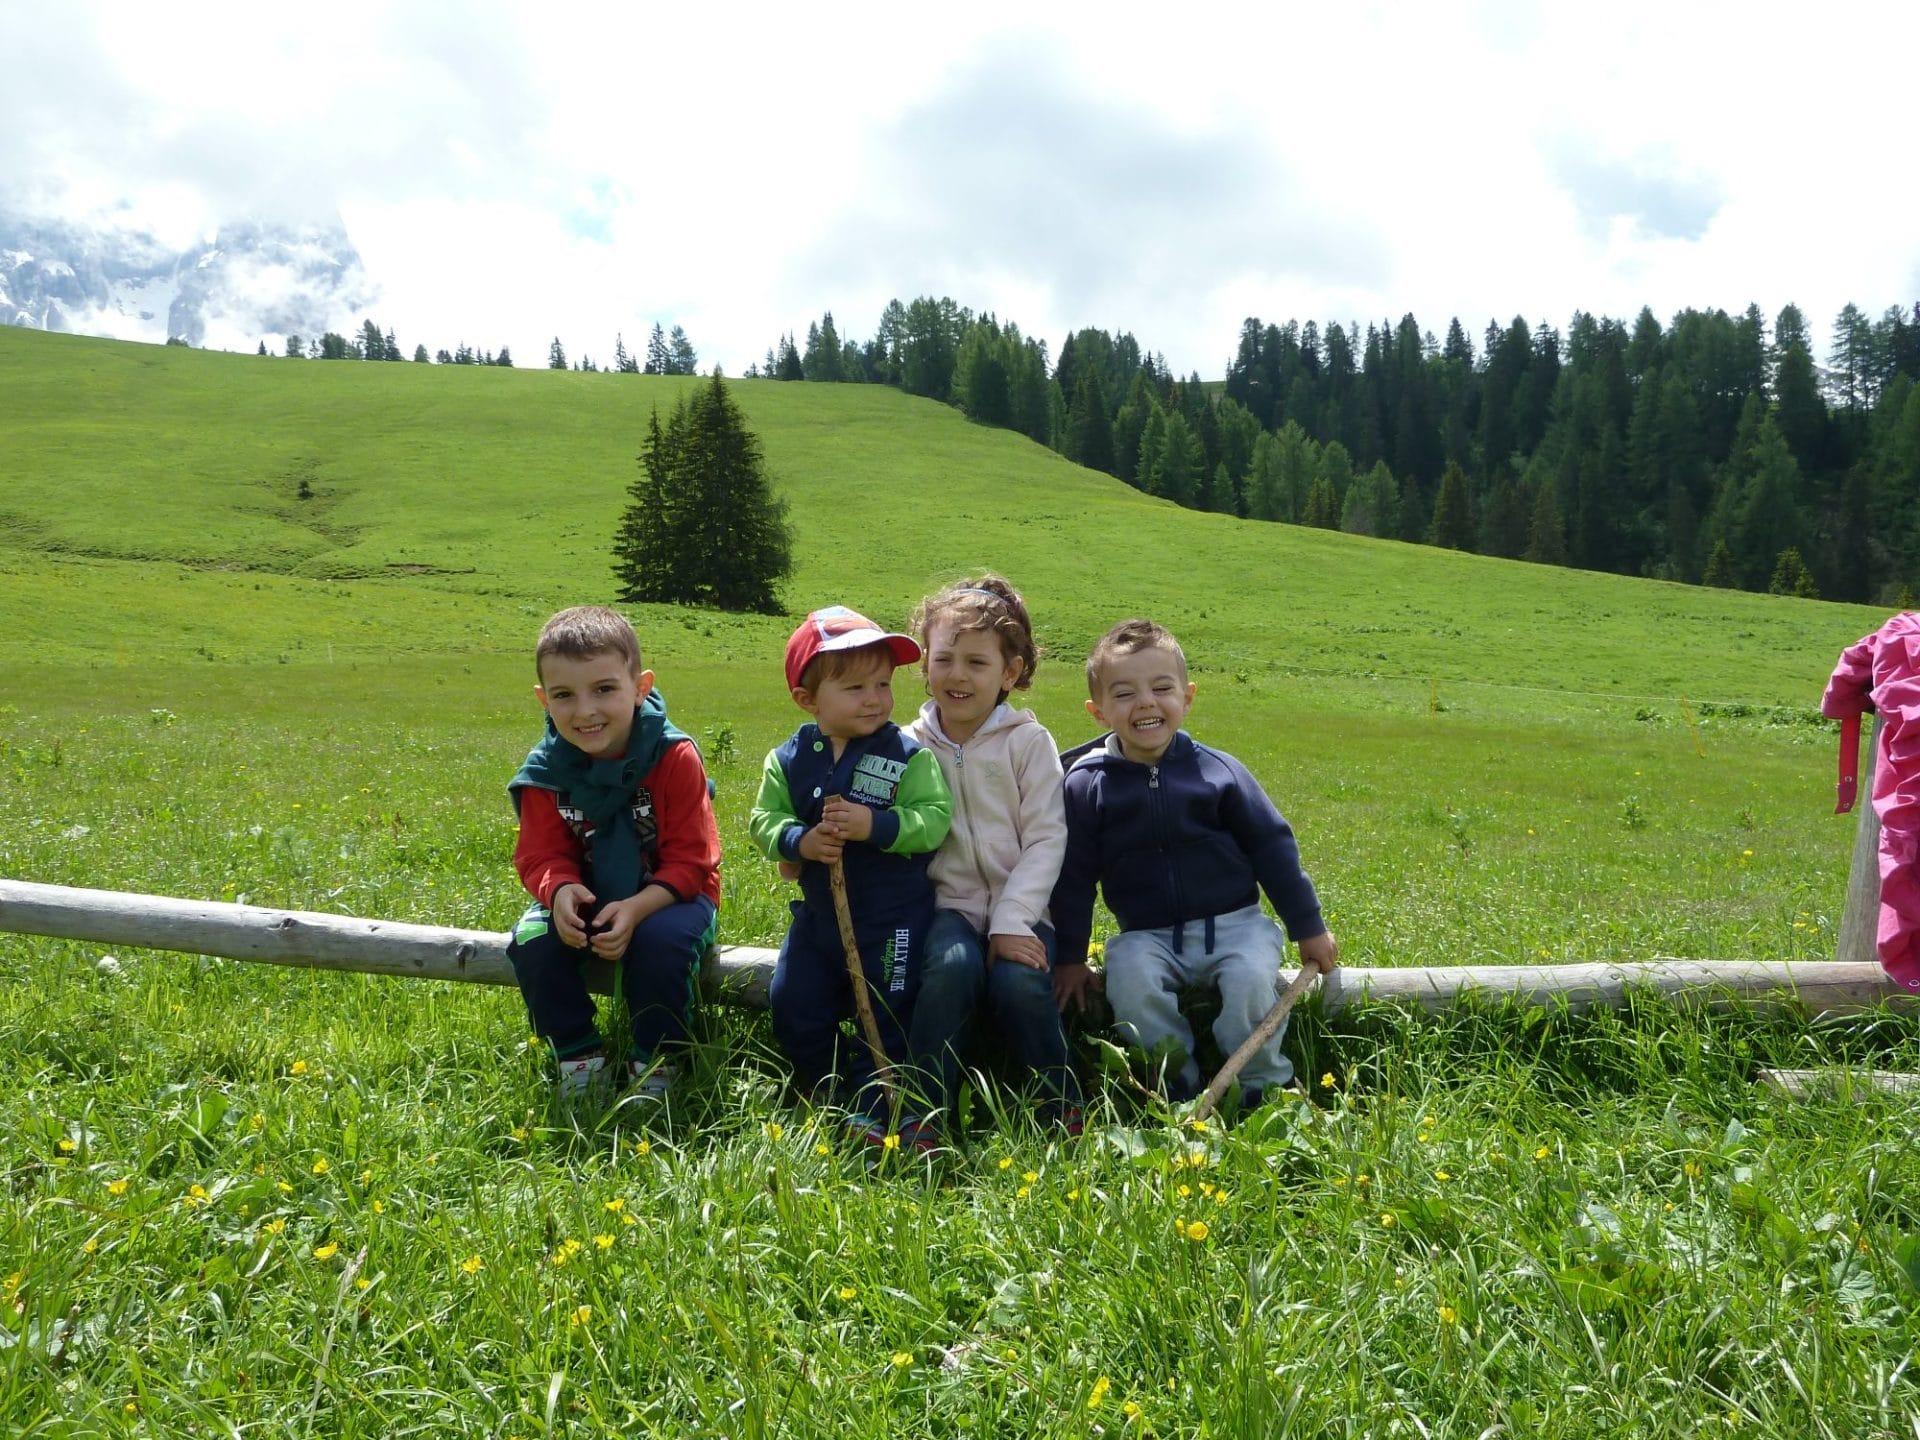 Hotel per bambini in Val di Fassa: Dolce Casa, bambini